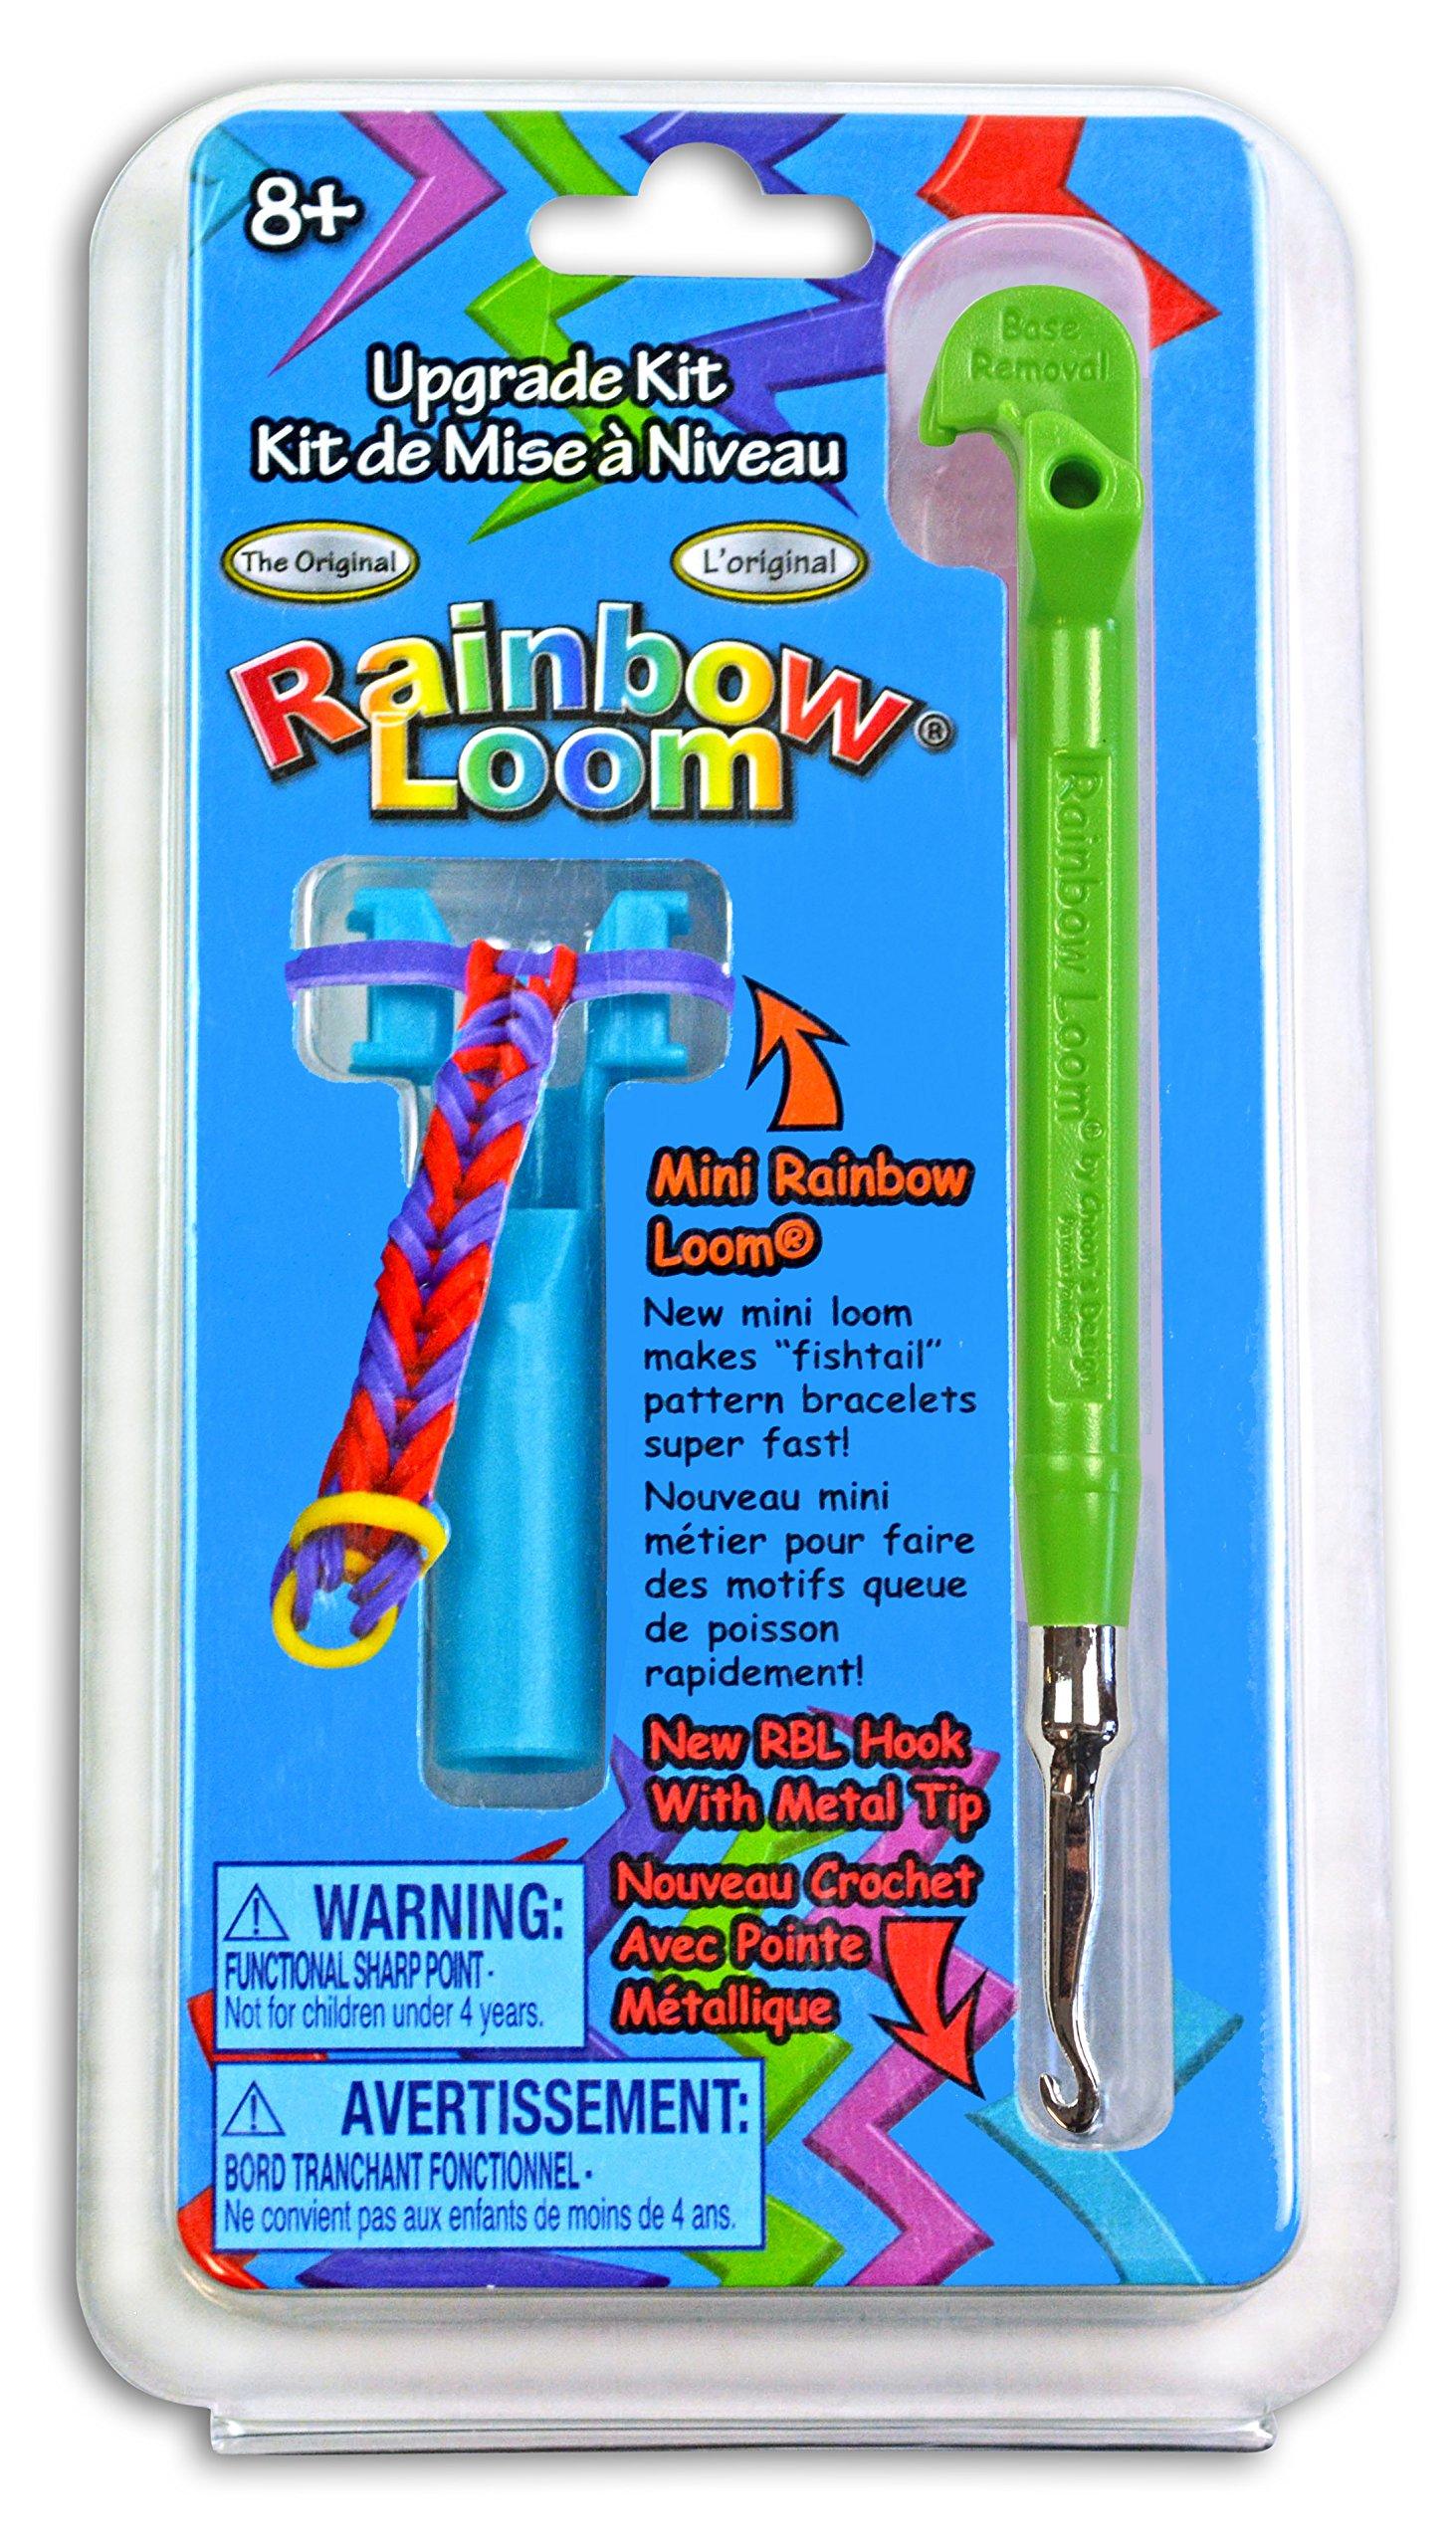 Rainbow Loom Upgrade Kit - Green Metal Hook product image